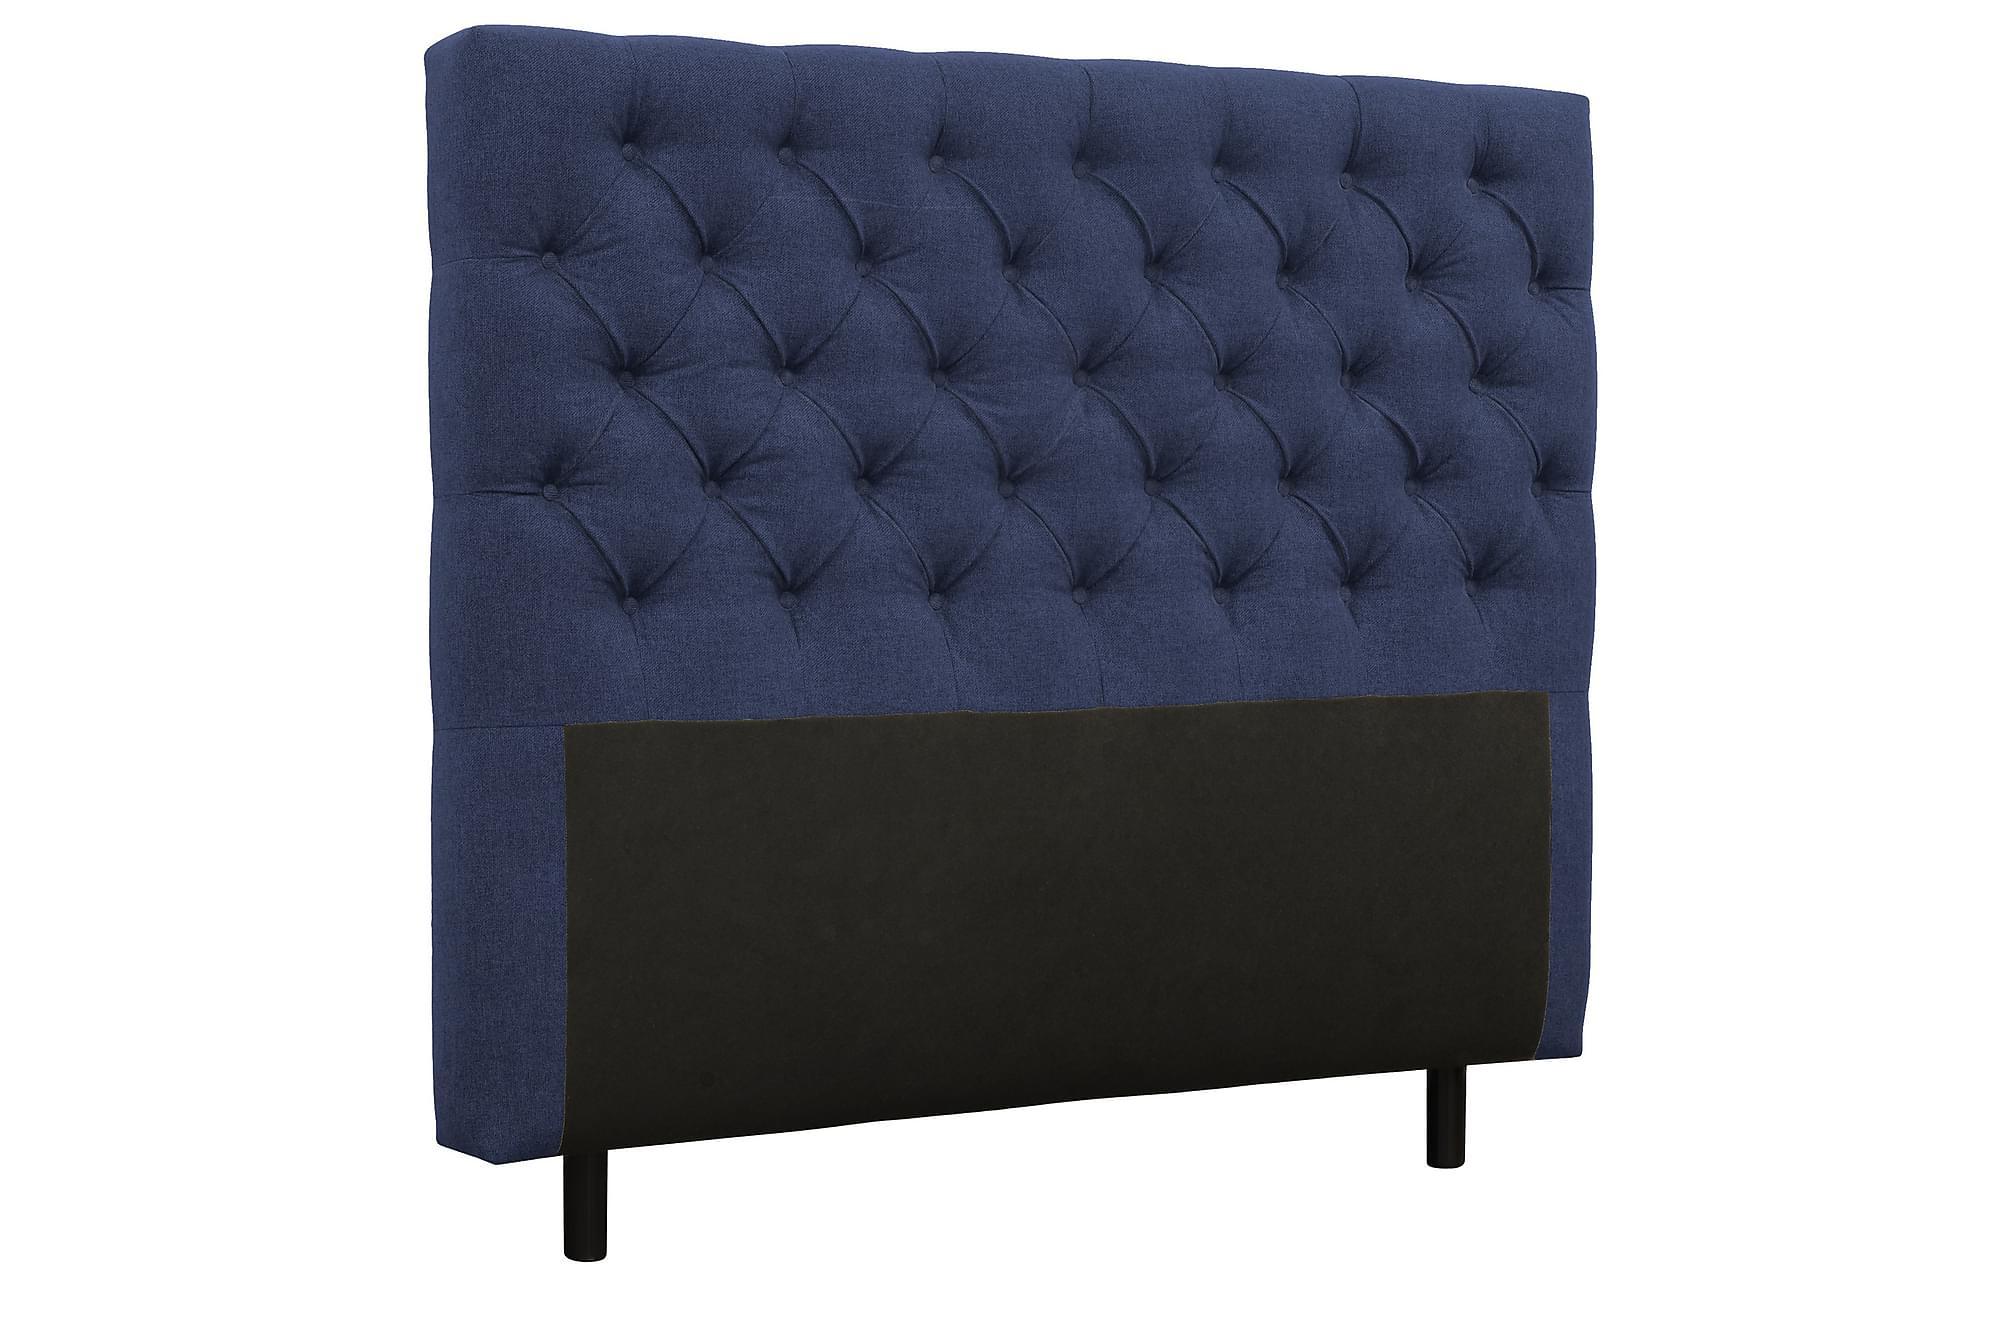 AUGUSTA Sänggavel 140 cm Mörkblå, Sänggavlar